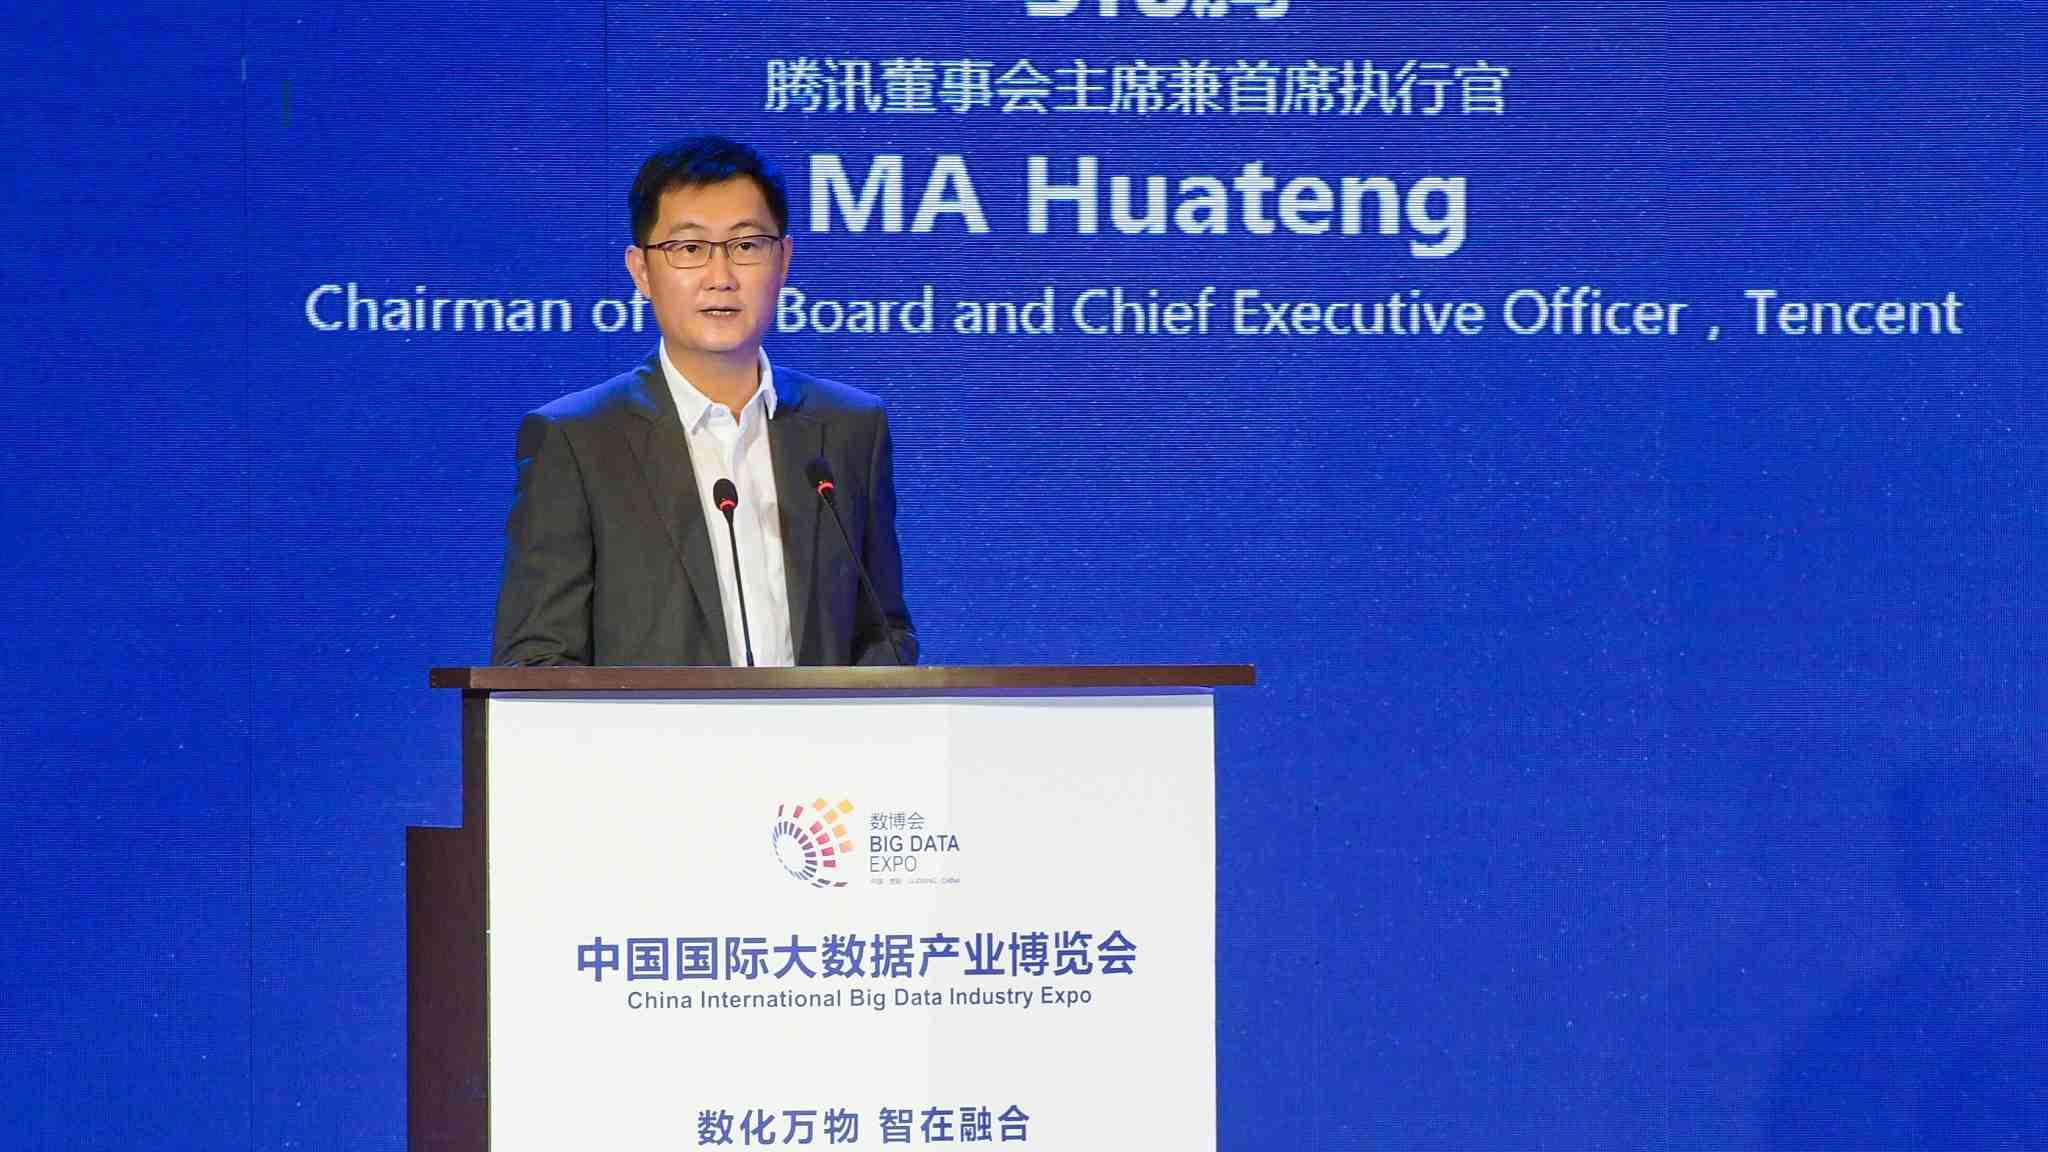 Ma Huateng regains spot in 'world's best CEOs' list